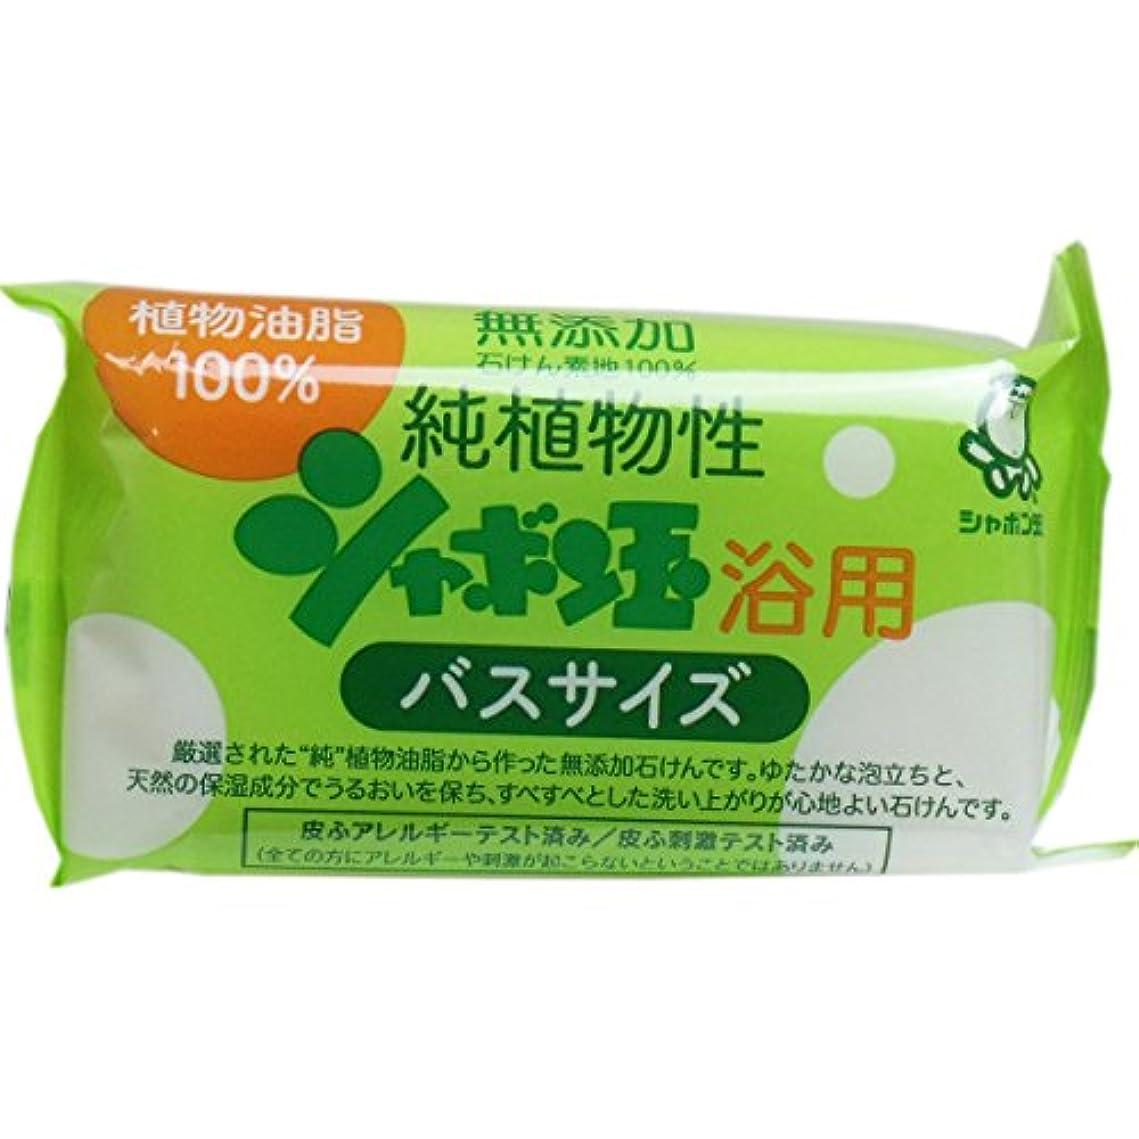 プロフィール能力徴収無添加 シャボン玉 純植物性浴用石けん バスサイズ 155g(無添加石鹸)